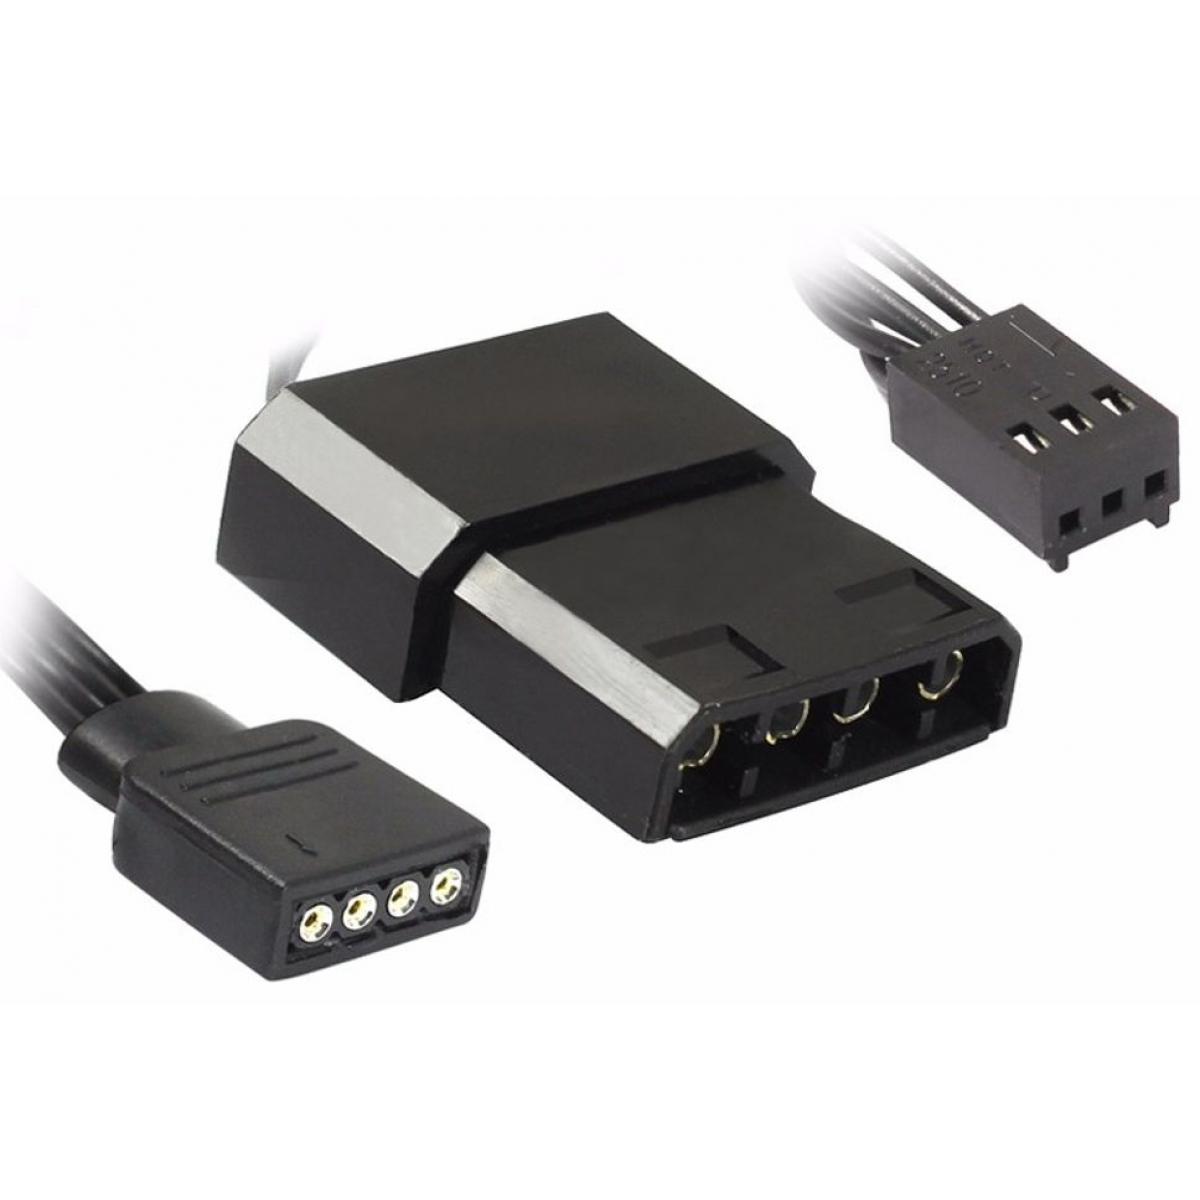 Kit Fan com 3 Unidades Gamemax CL300, RGB 120mm, com Controlador